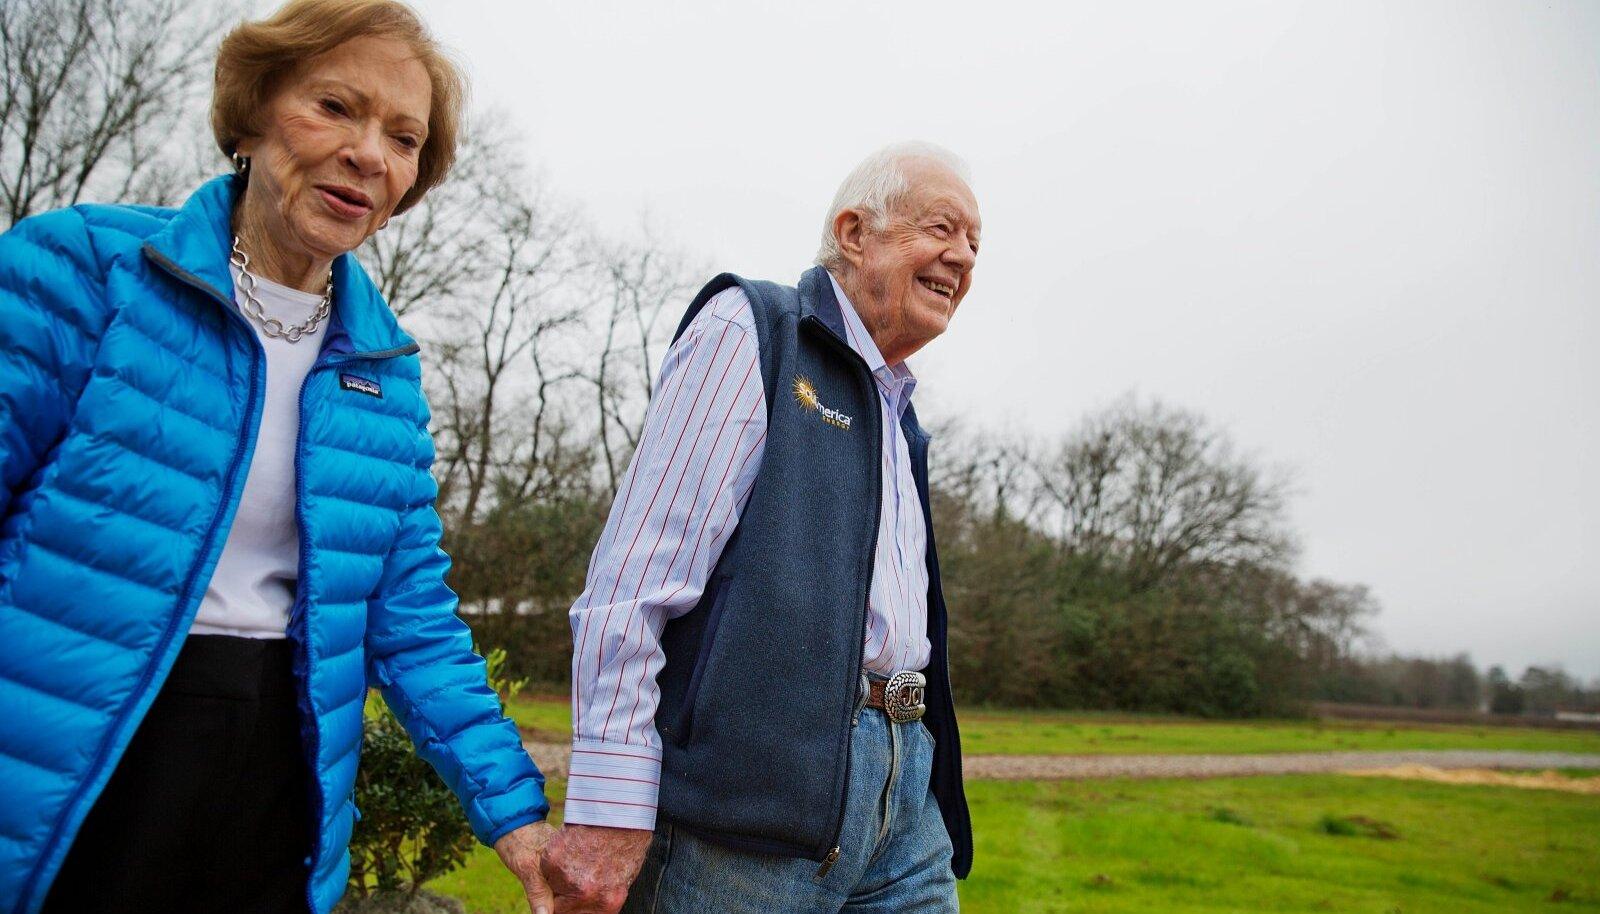 BRILJANTPULMAD: Jimmy Carter ja abikaasa Rosalynn on olnud abielus 75 aastat.